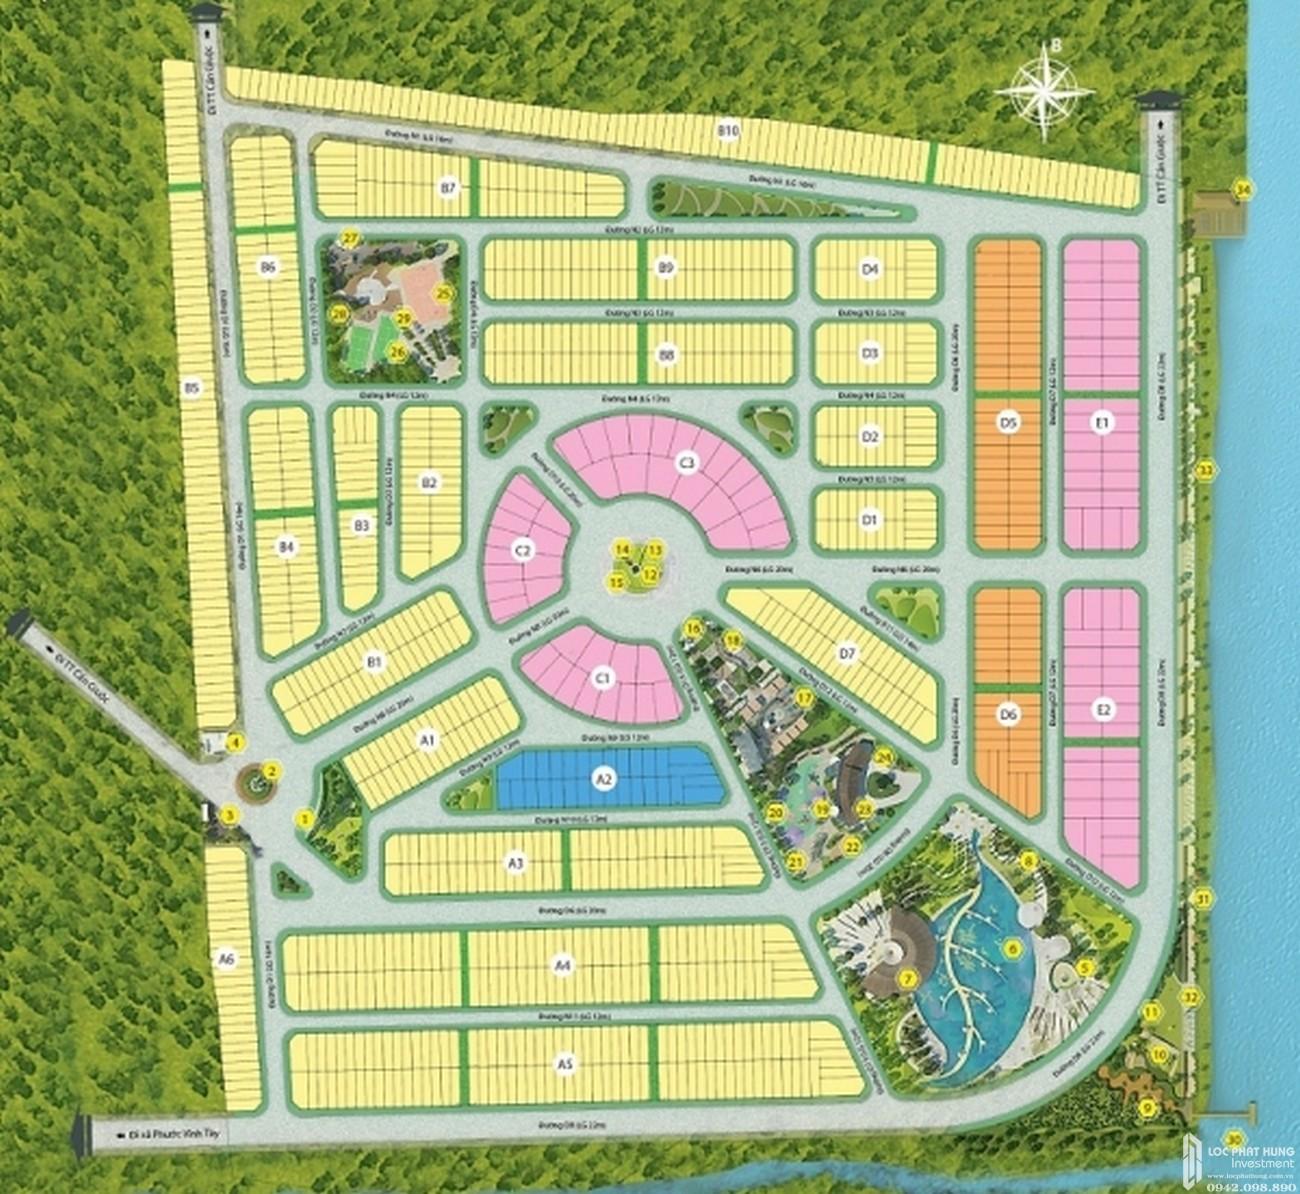 Mặt bằng dự án đất nền Saigon Riverpark Cần Giuộc Đường Quốc lộ 50 chủ đầu tư Tân Phú Thịnh